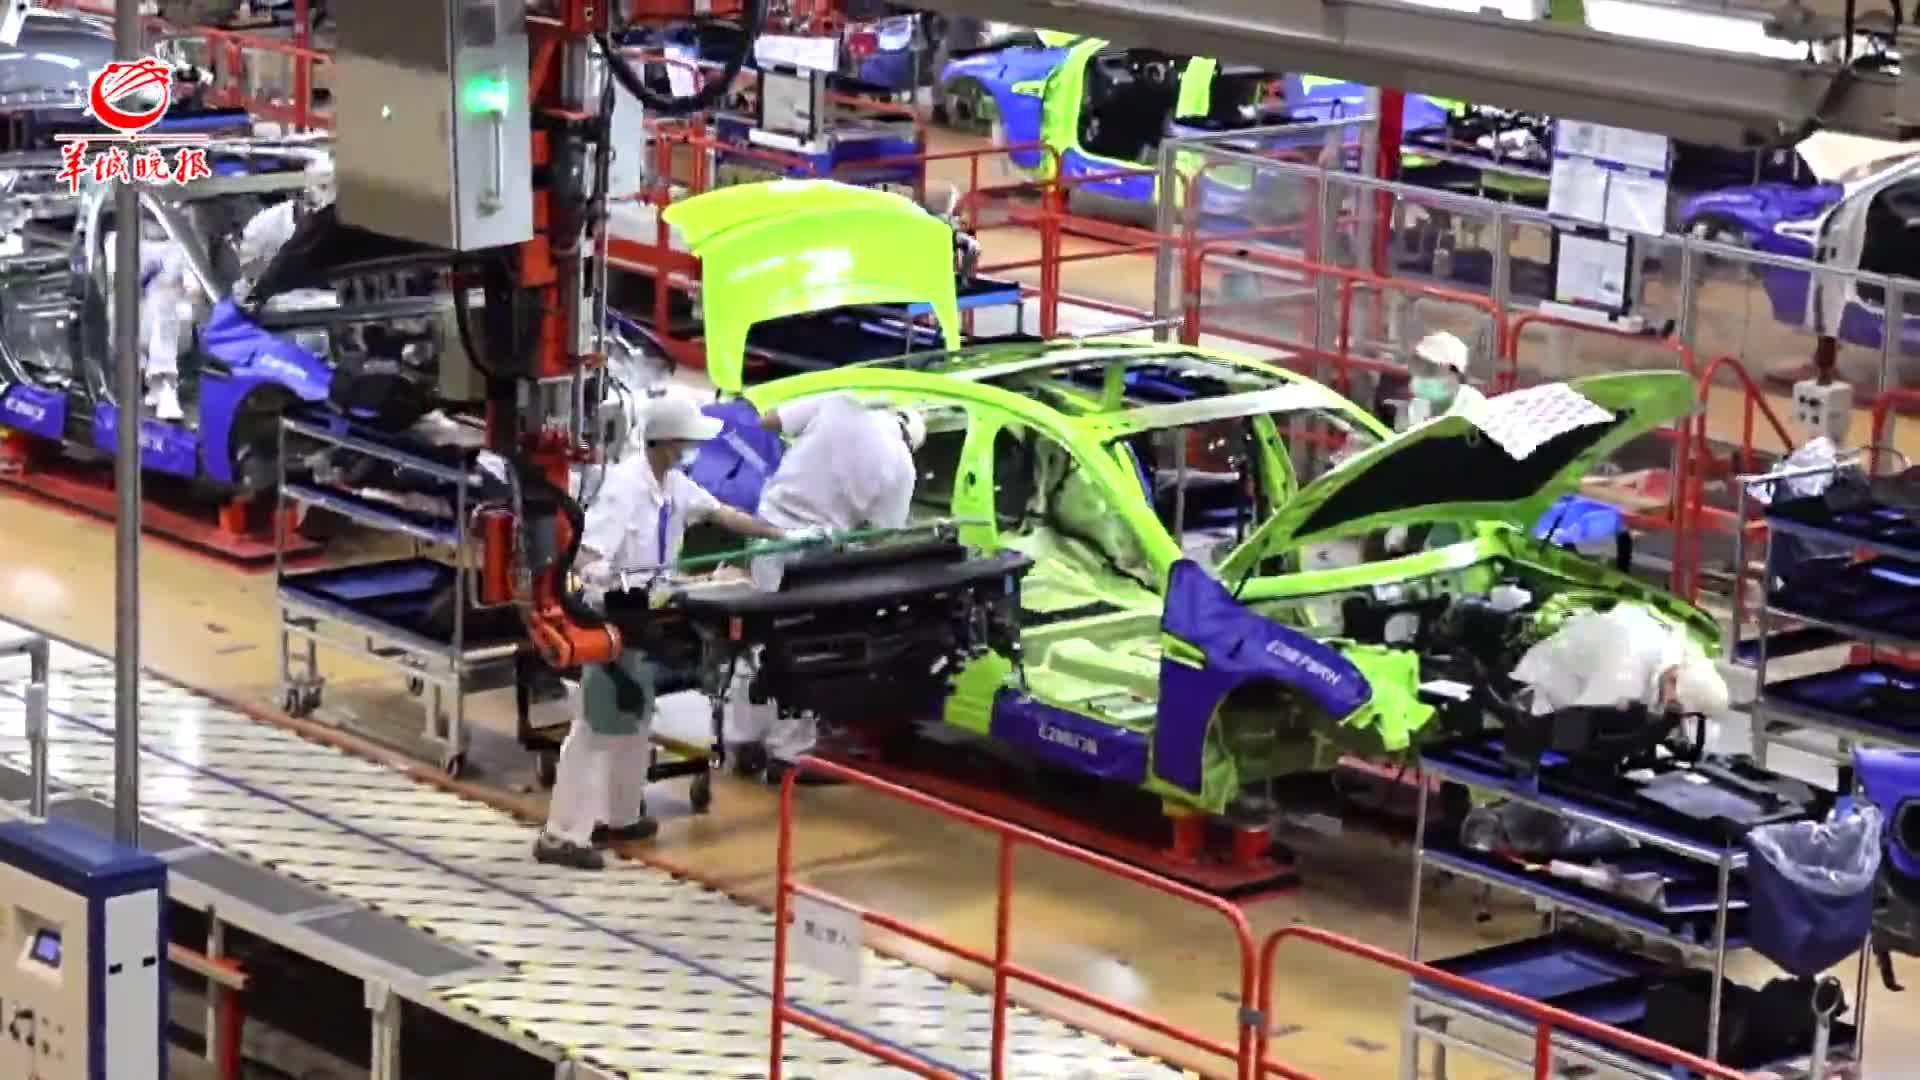 【视频】大湾区 大未来 | 326台智能机器人参与小鹏汽车生产线